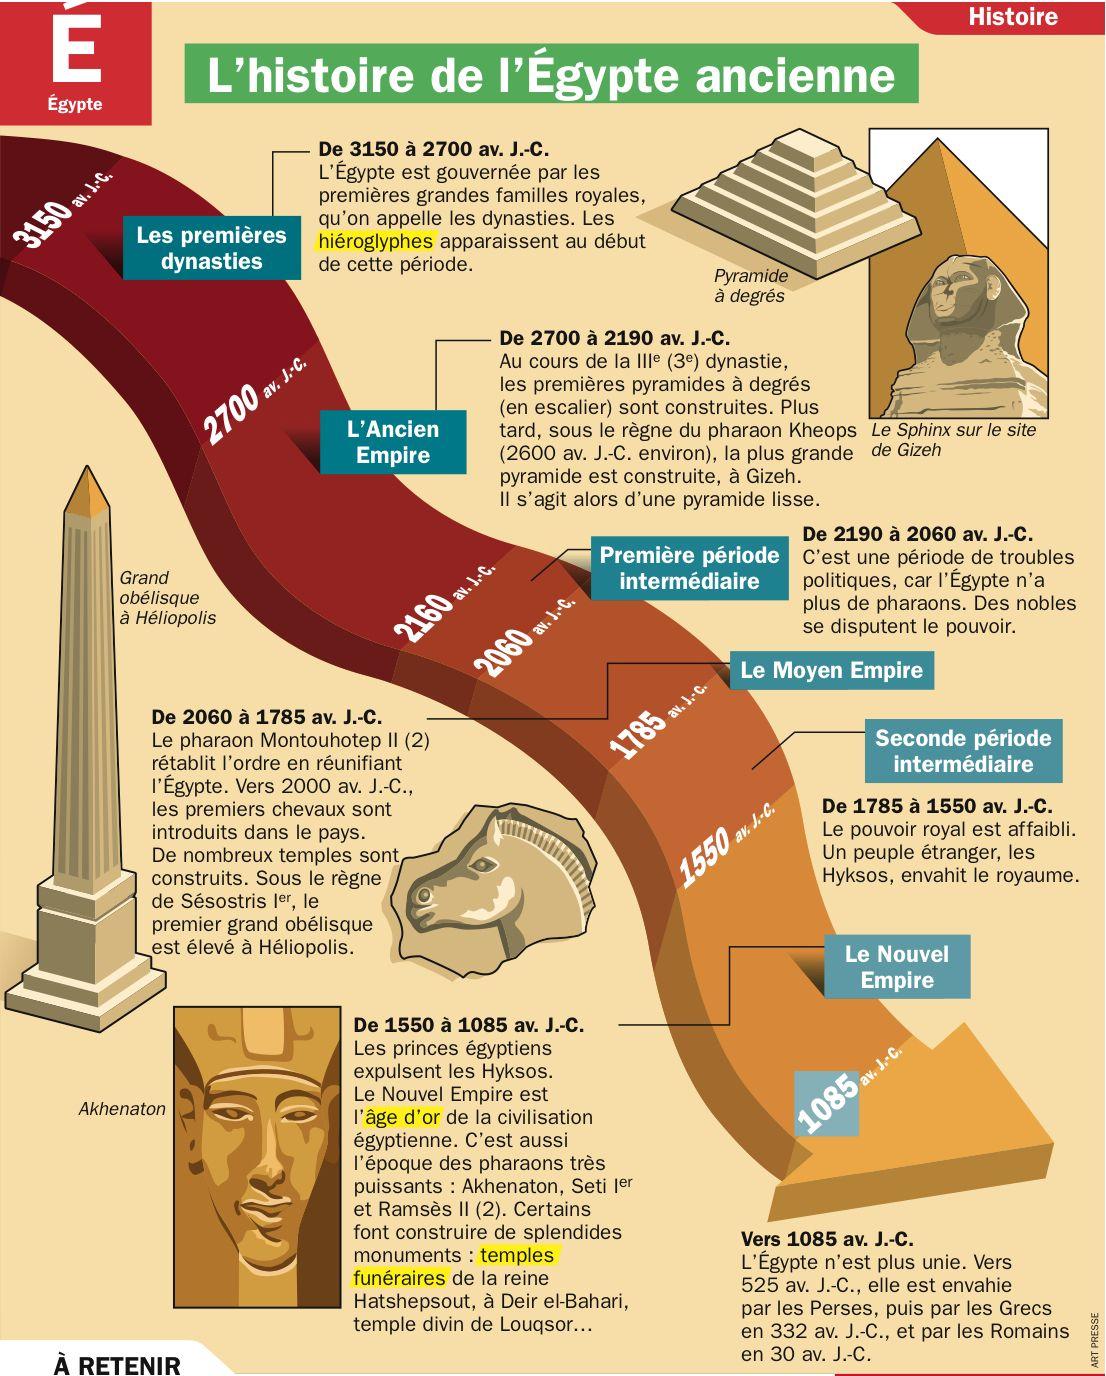 Célèbre CULTURE - Poster/fiche des grandes dates de l'Egypte ancienne  DG02